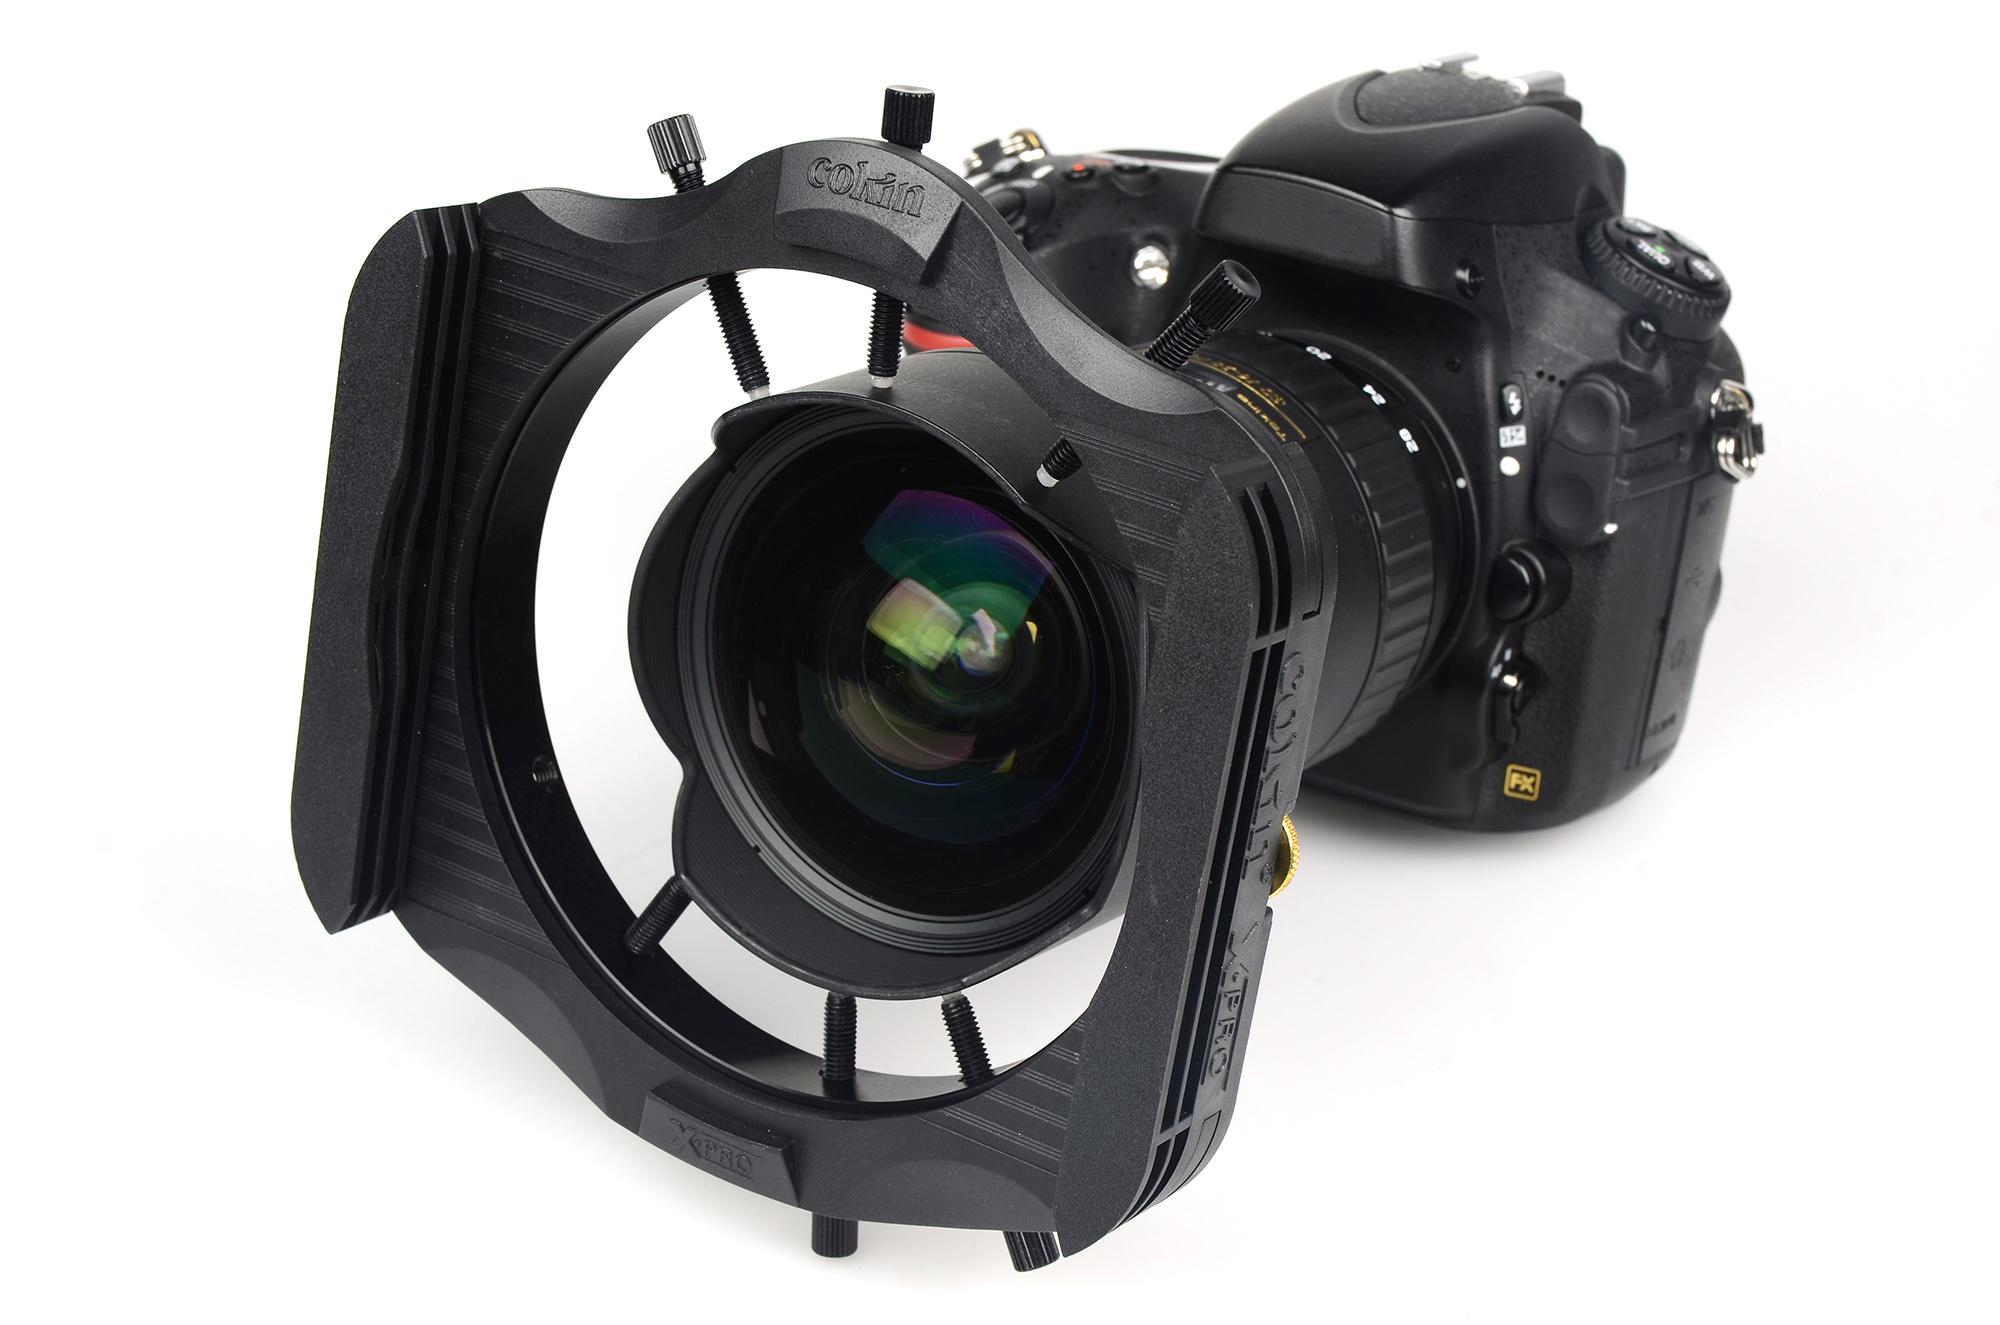 http://www.kenko-tokina.co.jp/imaging/filter/x499n_image2.jpg